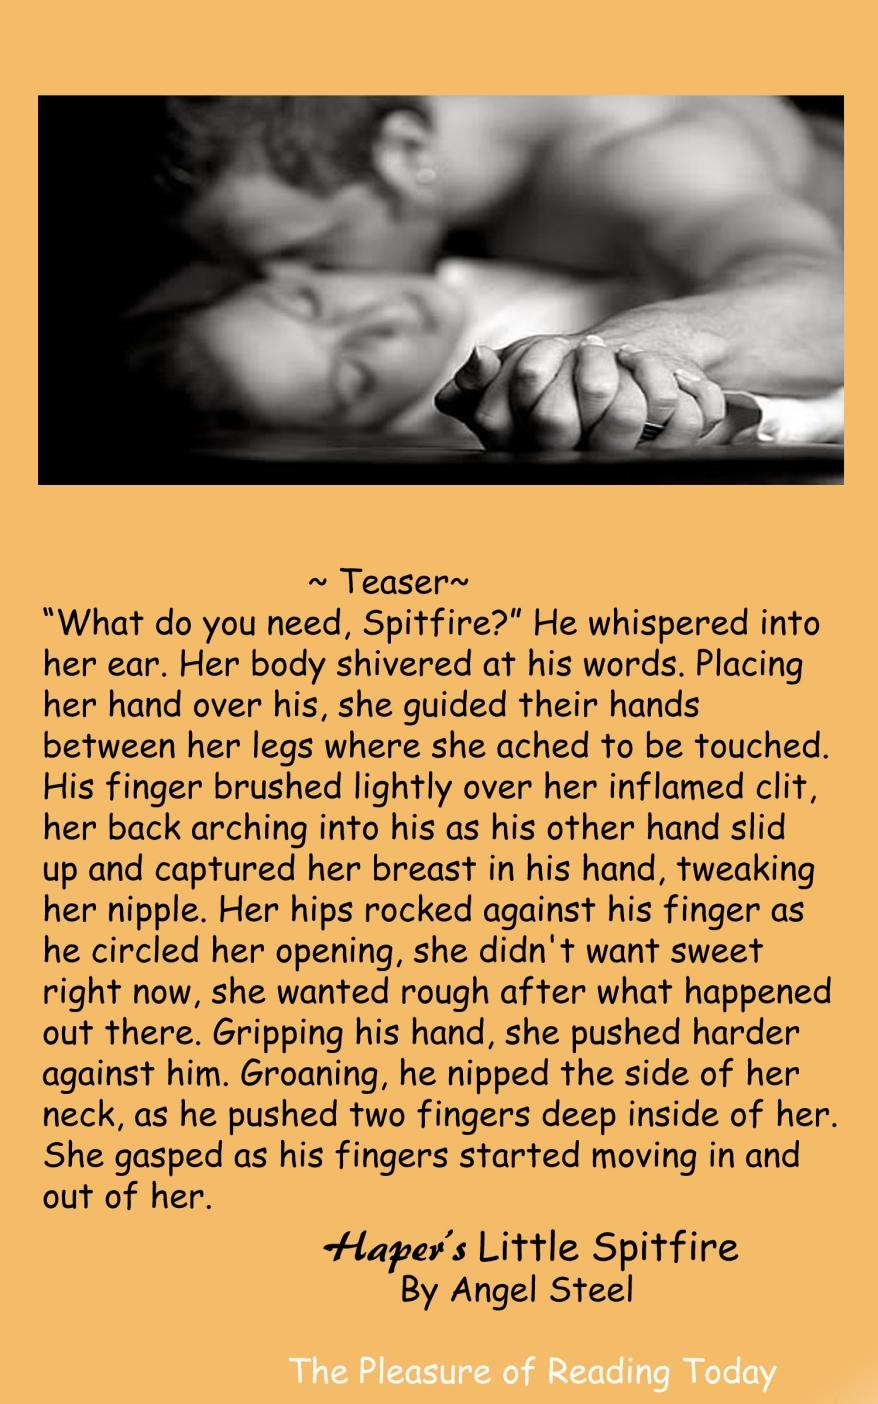 Harpers Little Spitfire Teaser1